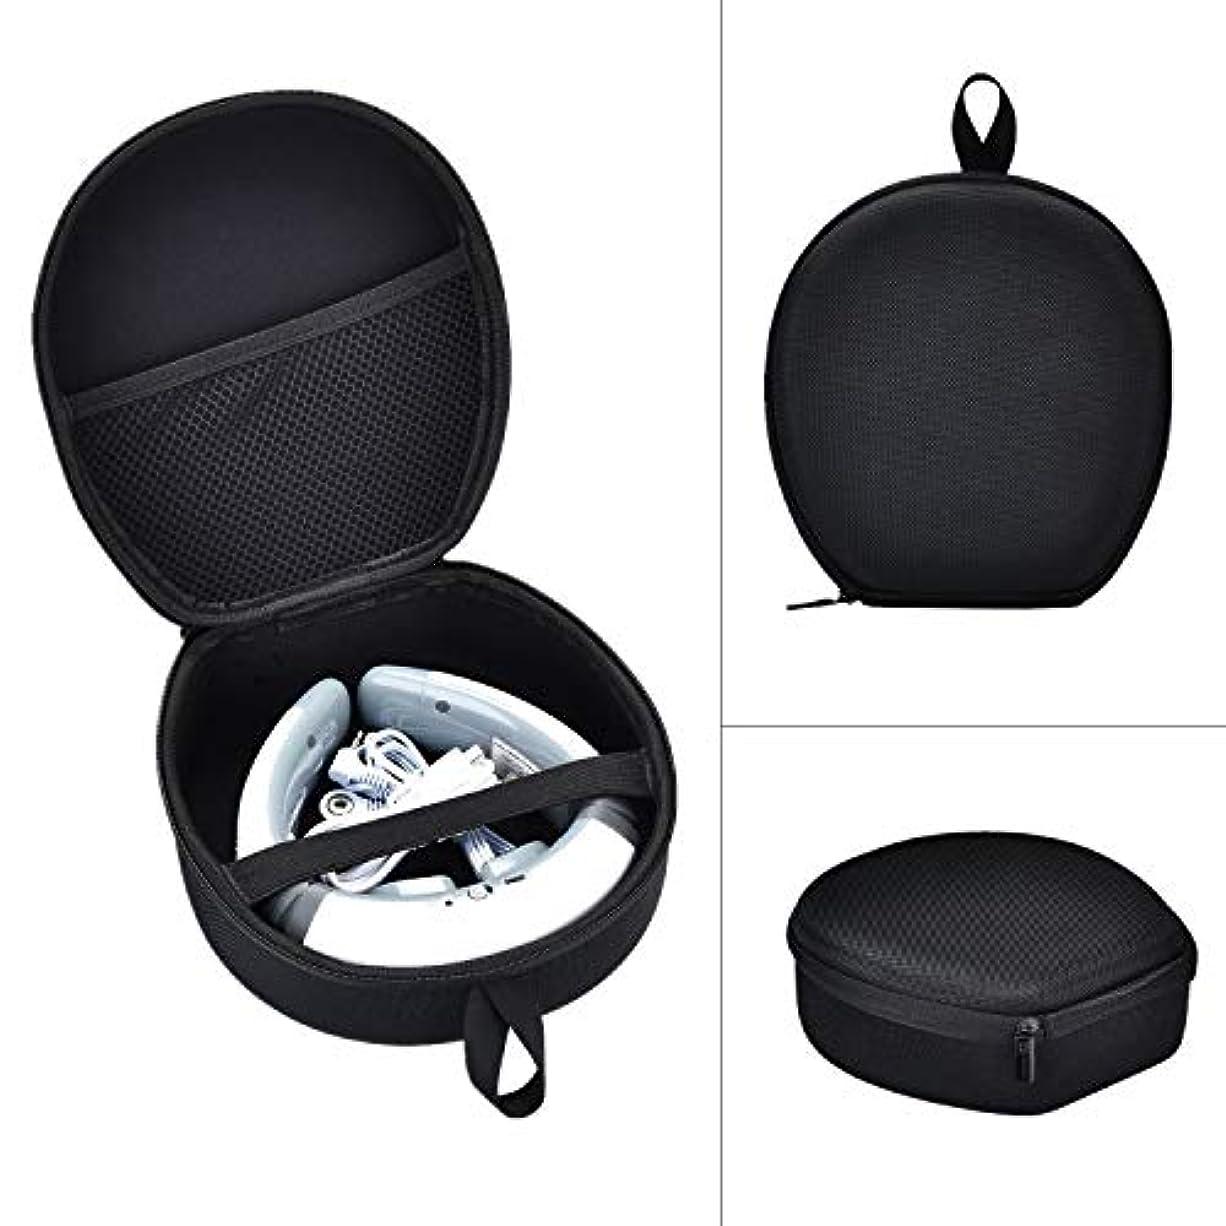 守る専門化するもろい首マッサージャー 収納ケースFor SQIAO ネックマッサージャー マッサージ 保護ボックス (ブラック)